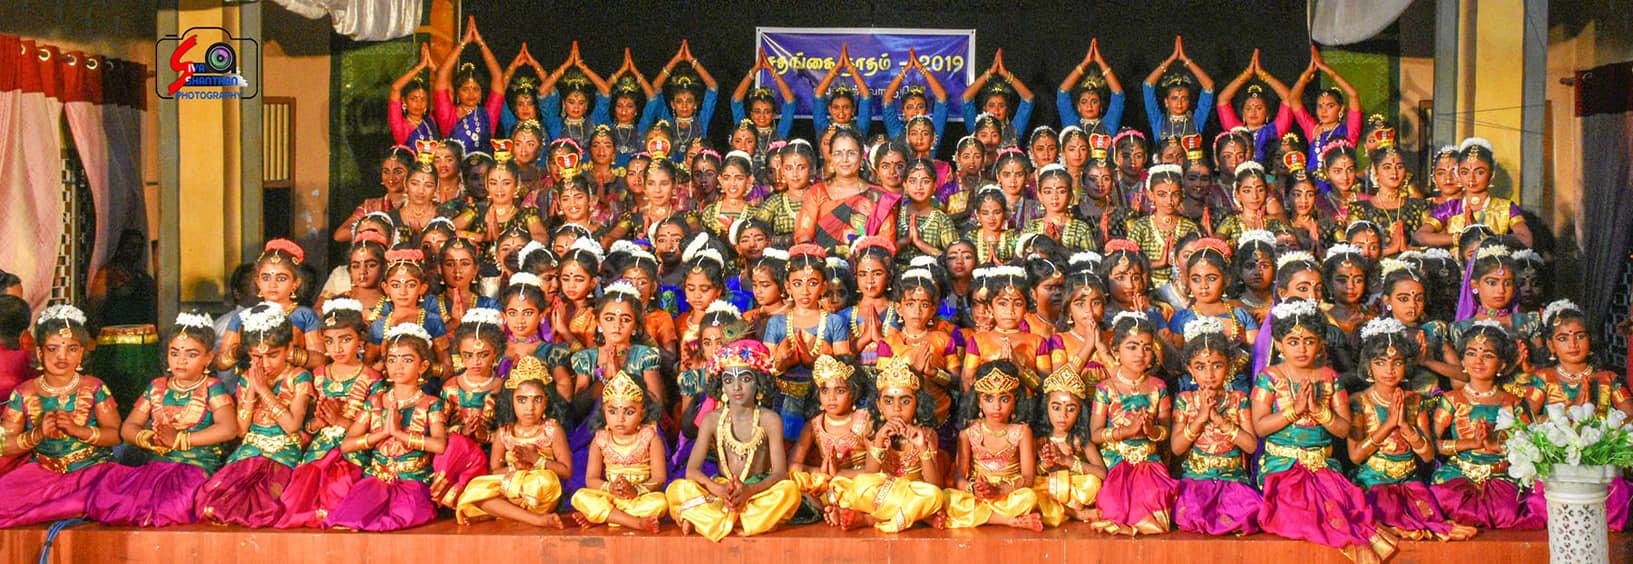 சிறப்புற இடம்பெற்ற சதங்கை நாதம் நடன ஆற்றுகை